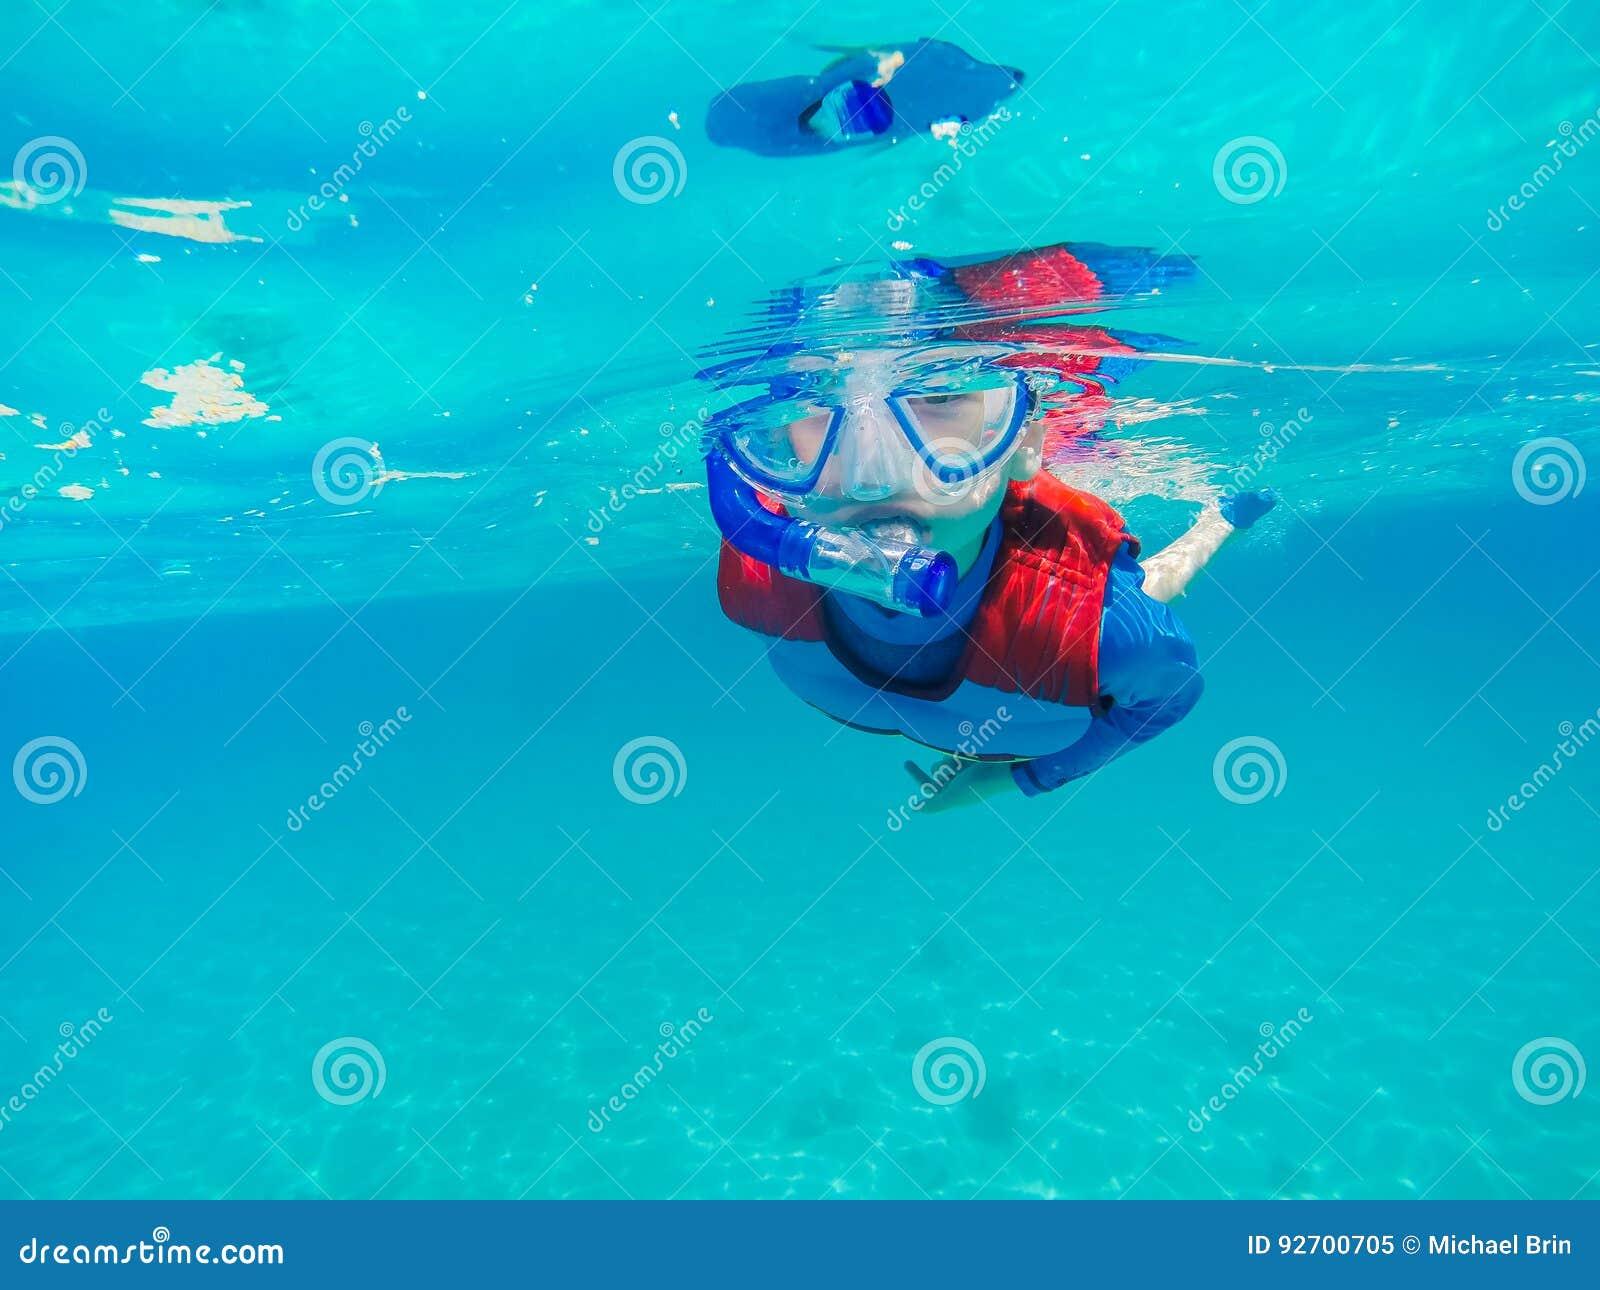 Divertimento novo subaquático do menino no mar com tubo de respiração Divertimento das férias de verão